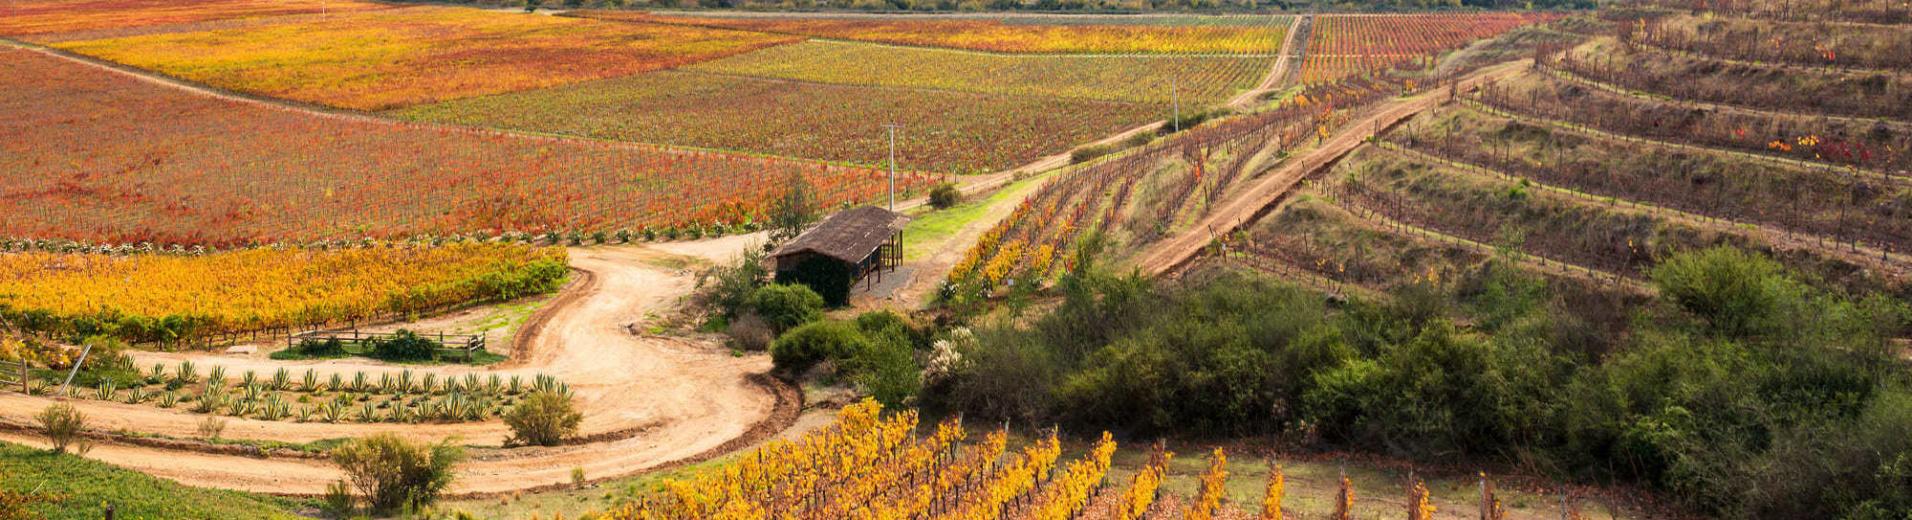 Vignobles au Chili, vallée de Colchagua